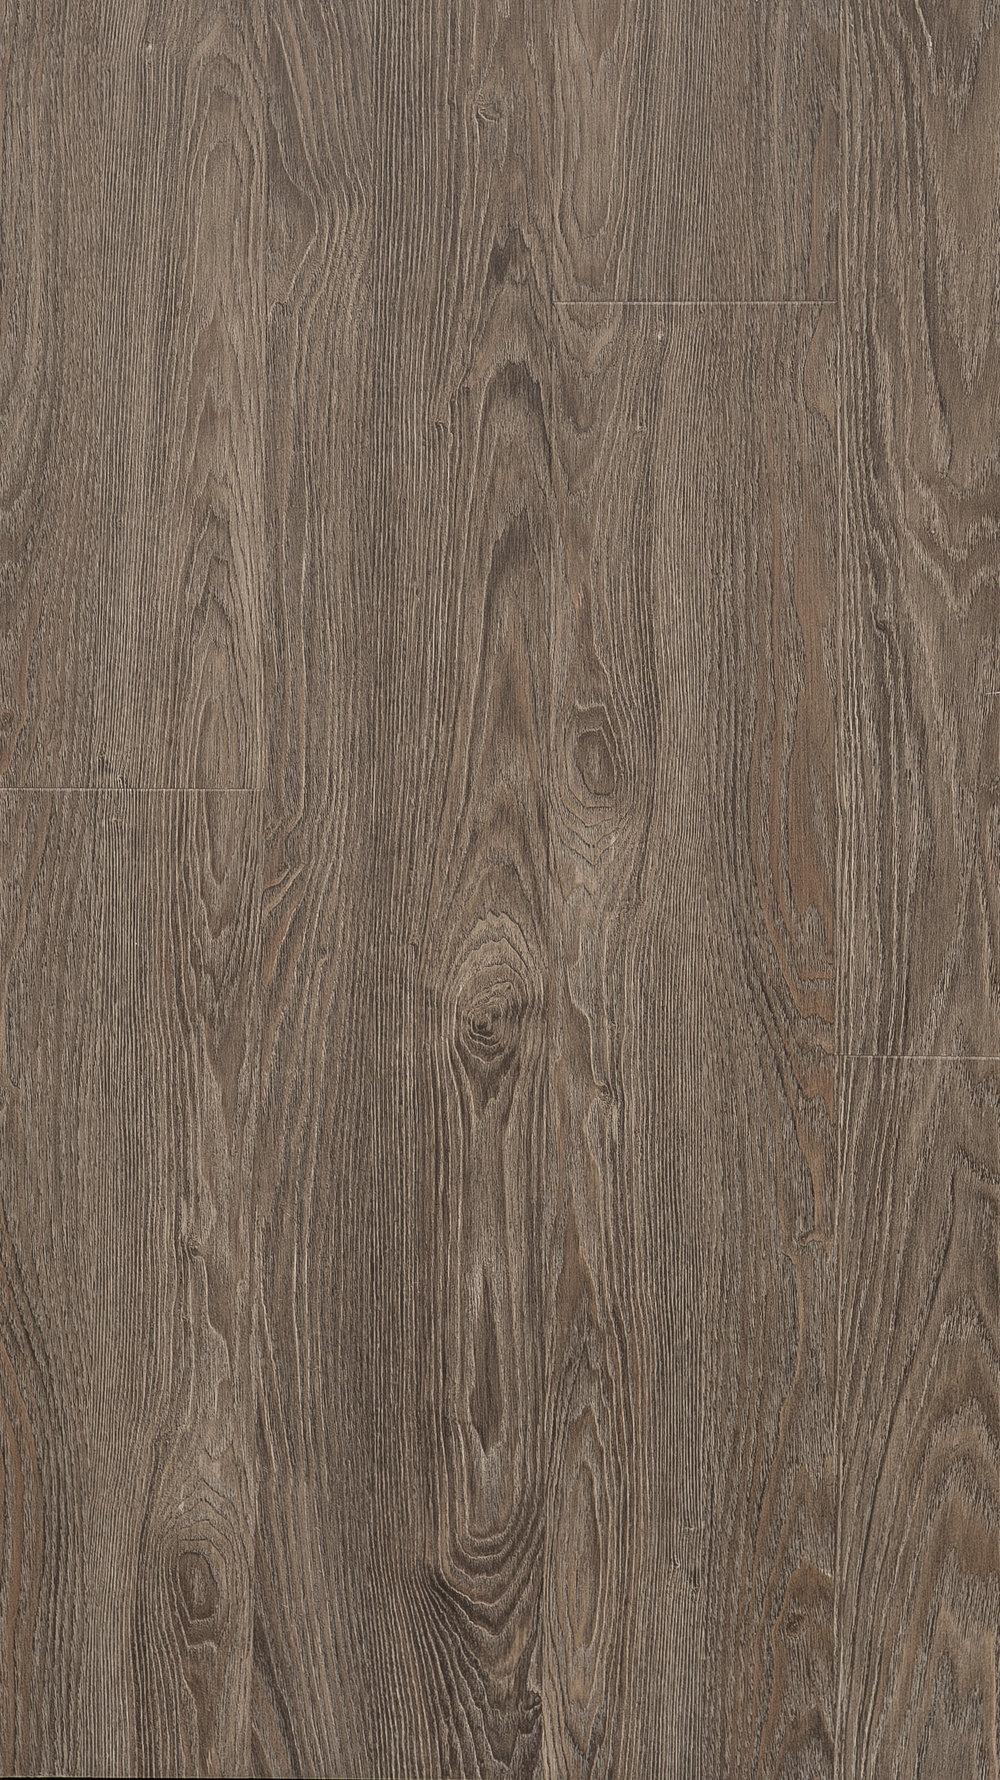 W5014 - Van Dyke Oak